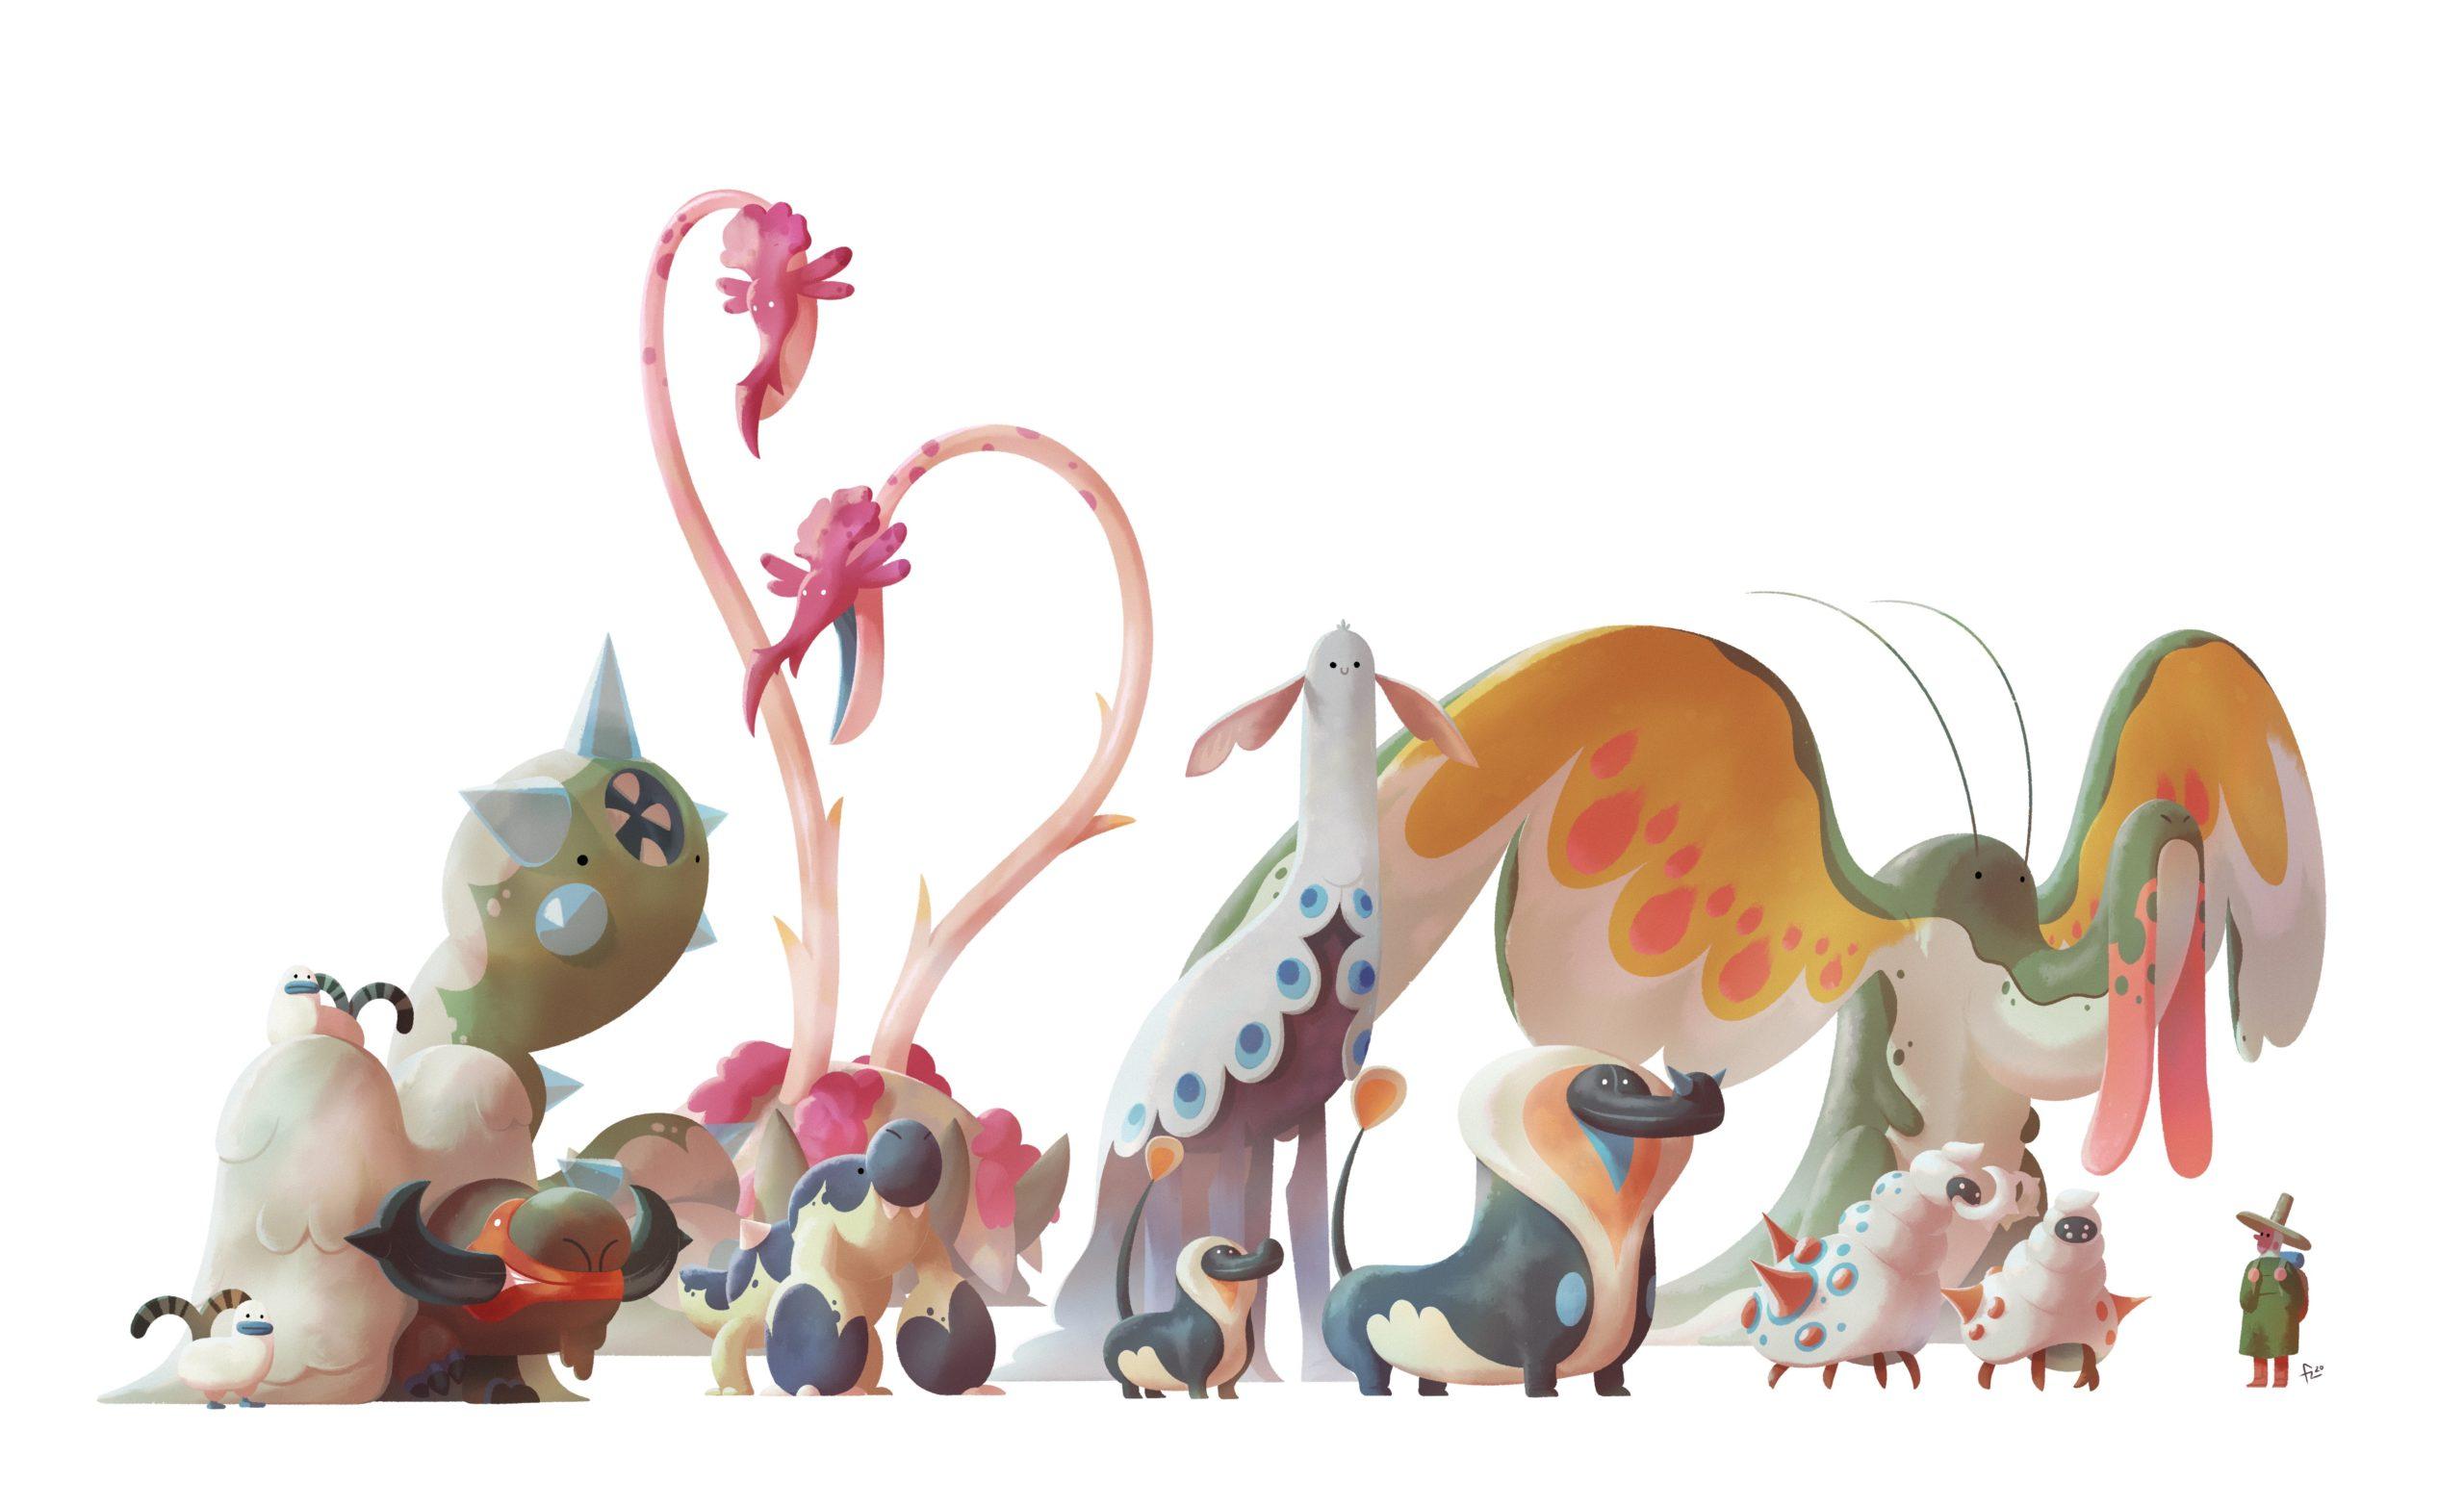 Conjunto de criaturas fantásticas con humano para referencia